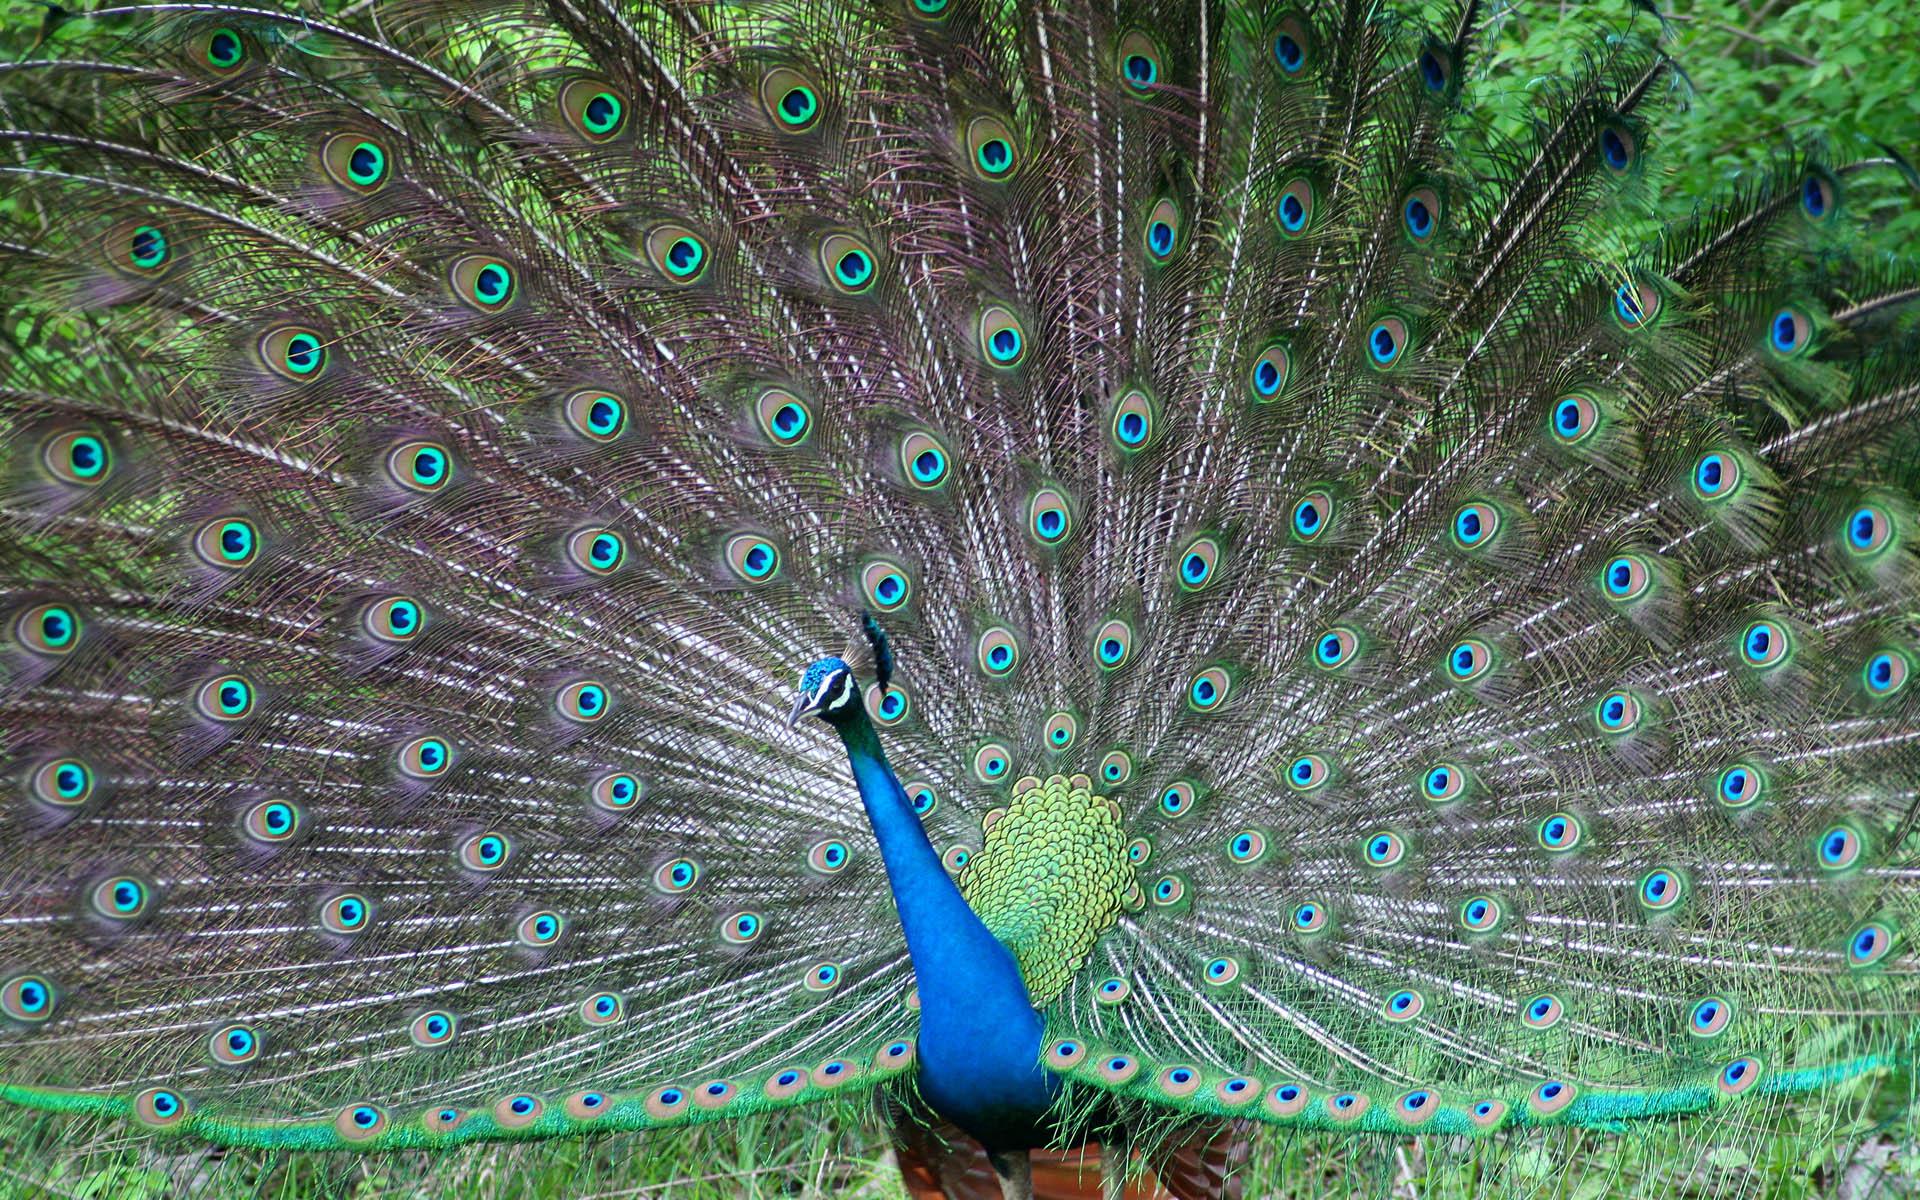 http://2.bp.blogspot.com/--FMdeQHwmQU/TsfHRu0P_MI/AAAAAAAAZ08/UuSYtvcgfus/d/windows+8+wallpapers+-+birds+1920x1200+%252821%2529.jpg